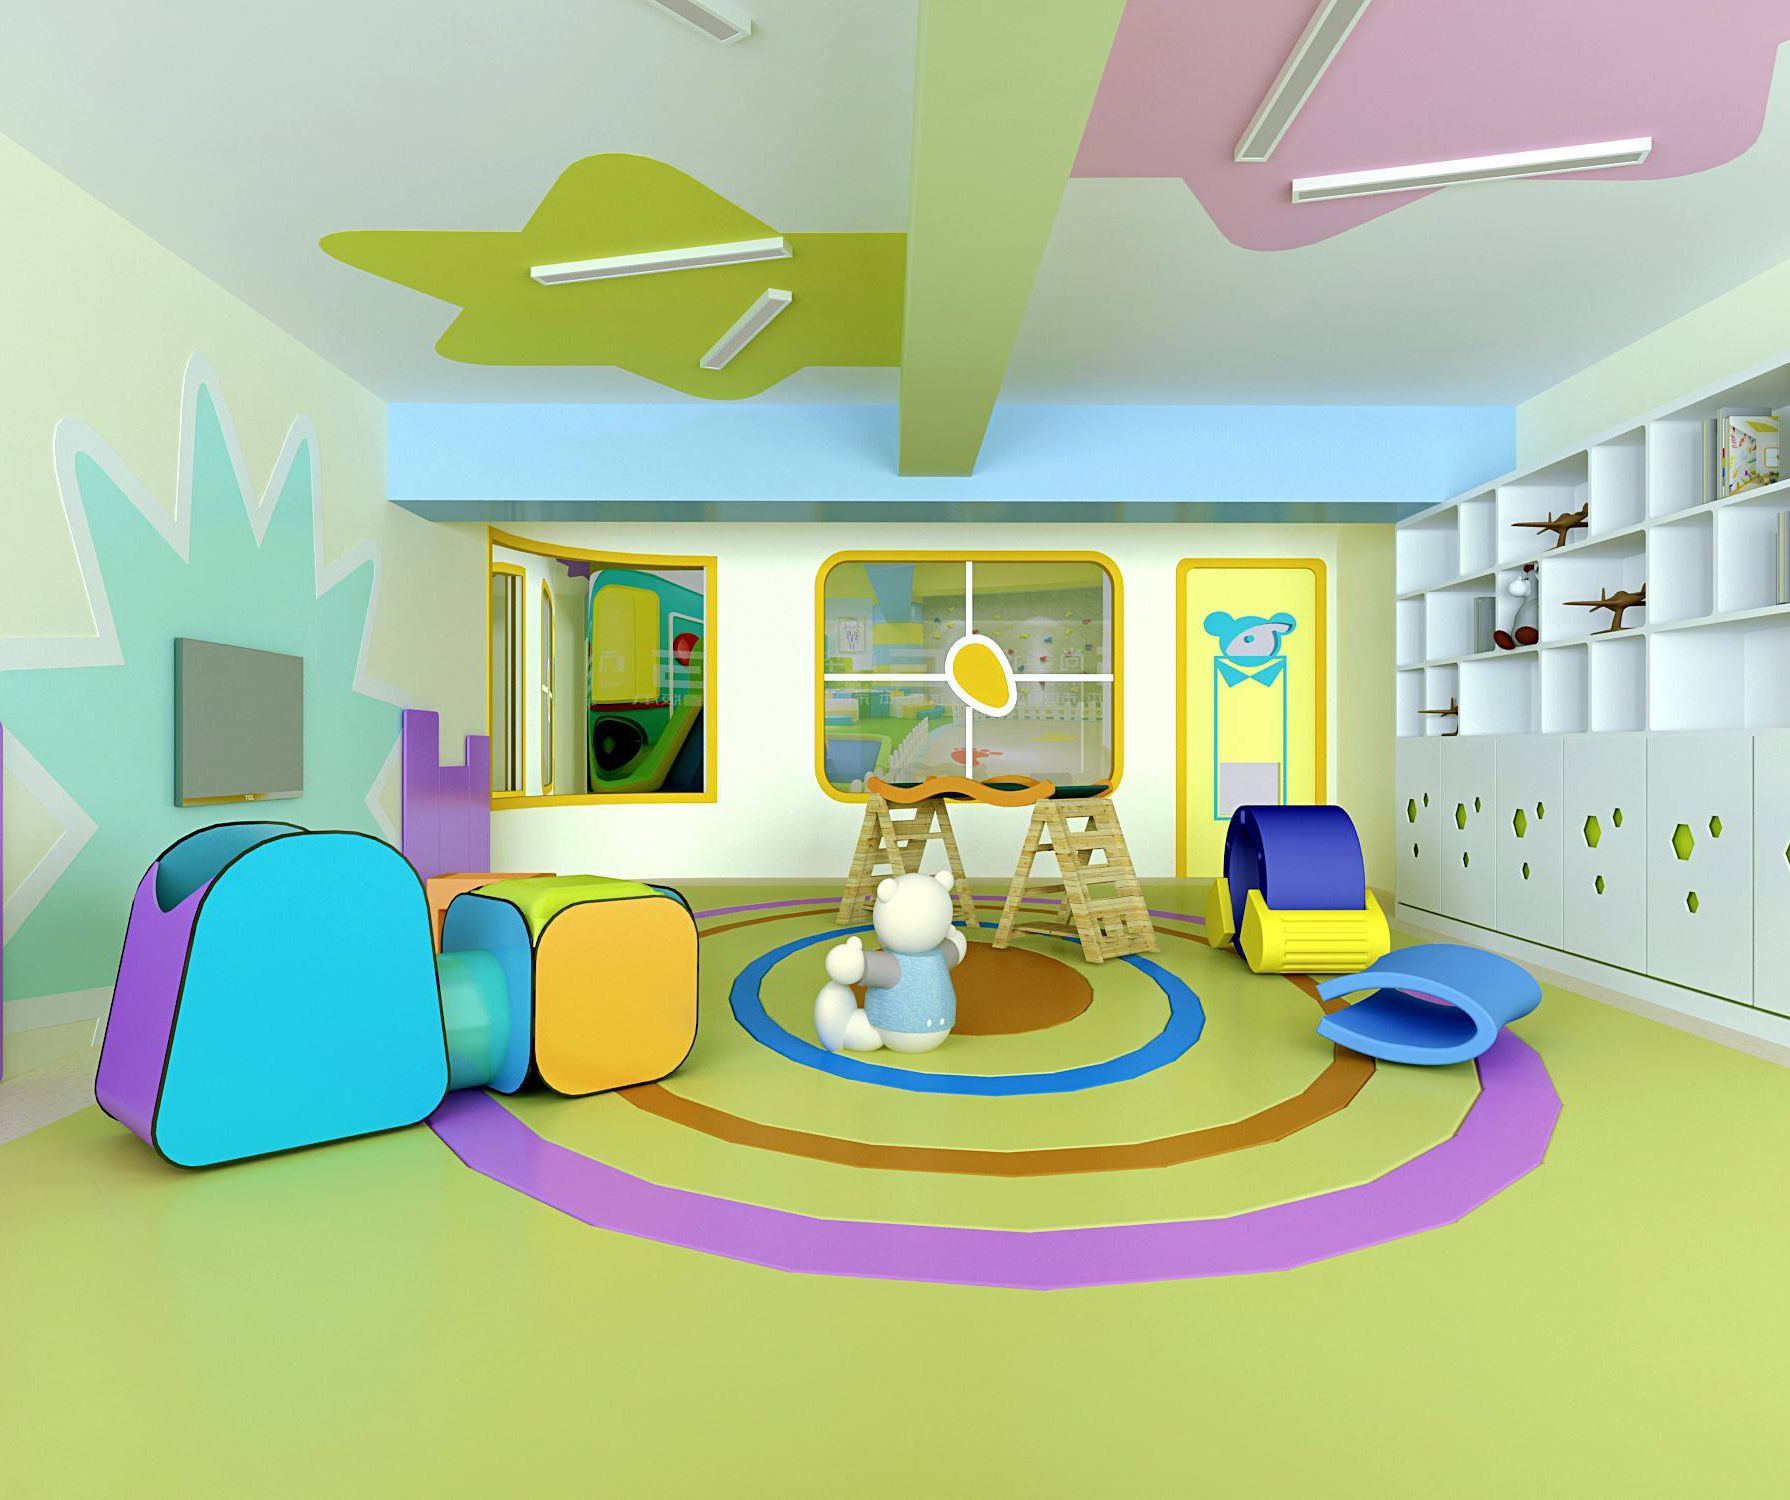 幼儿园地胶暑期二期装修地胶注意事项,必收藏!